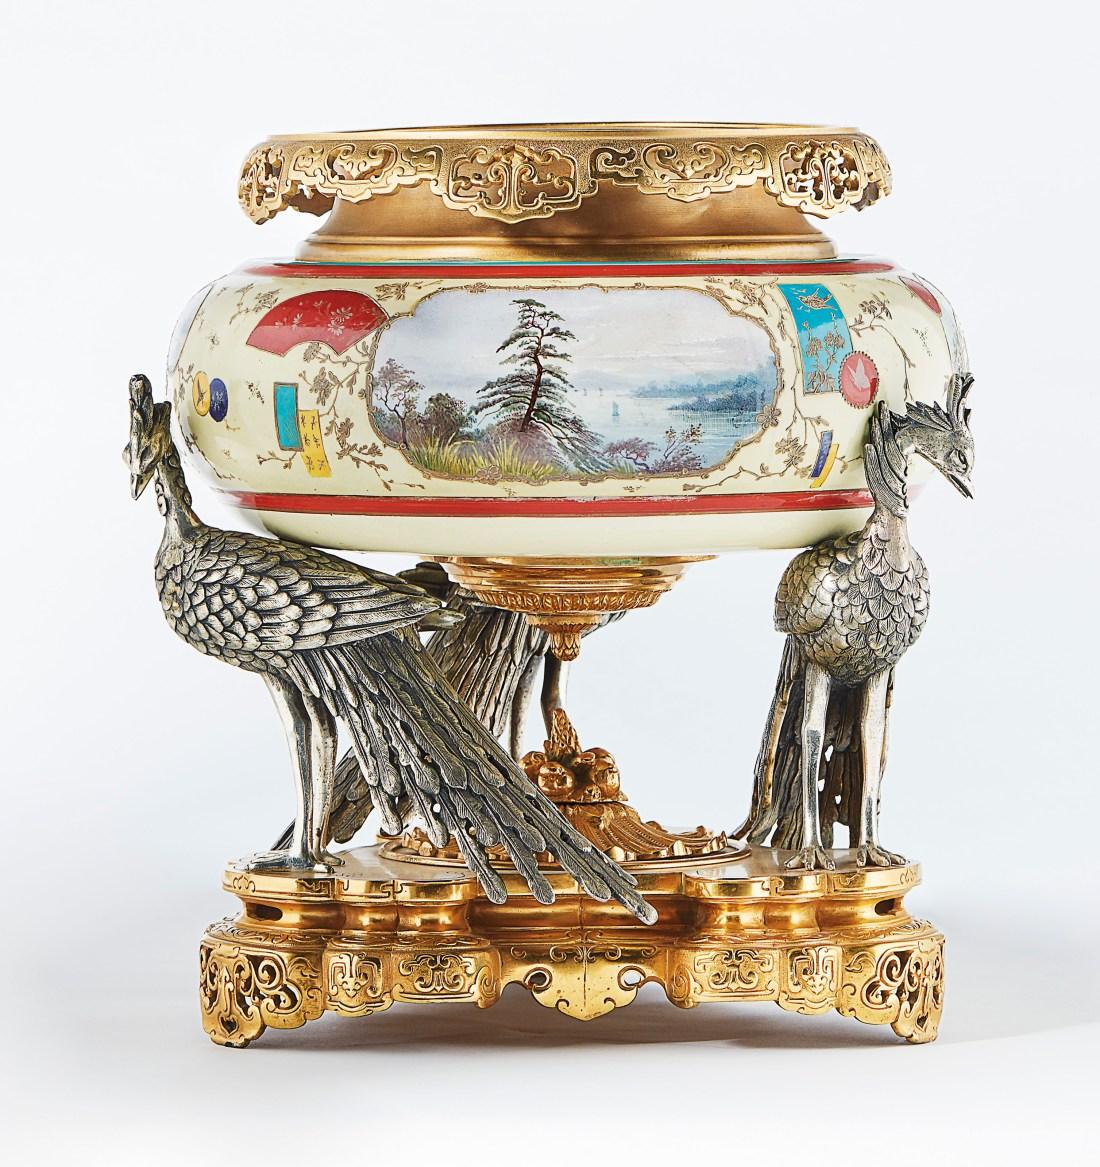 2018_PAR_16843_0022_000(centre_de_table_en_porcelaine_et_bronze_dore_et_argente_france_attribu)